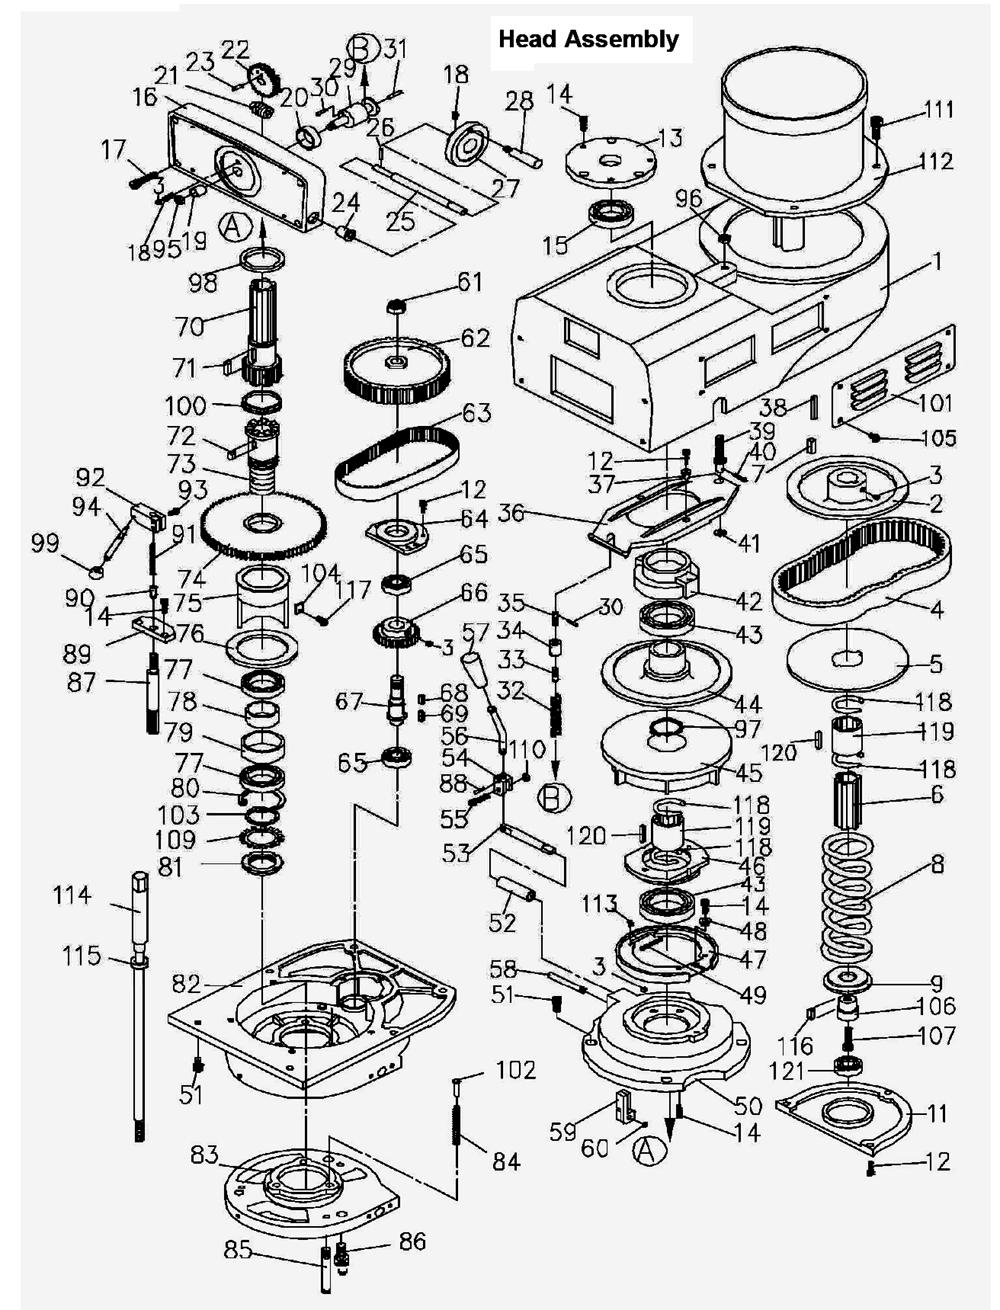 bridgeport wiring diagram 33 bridgeport mill parts diagram wiring diagram list  33 bridgeport mill parts diagram